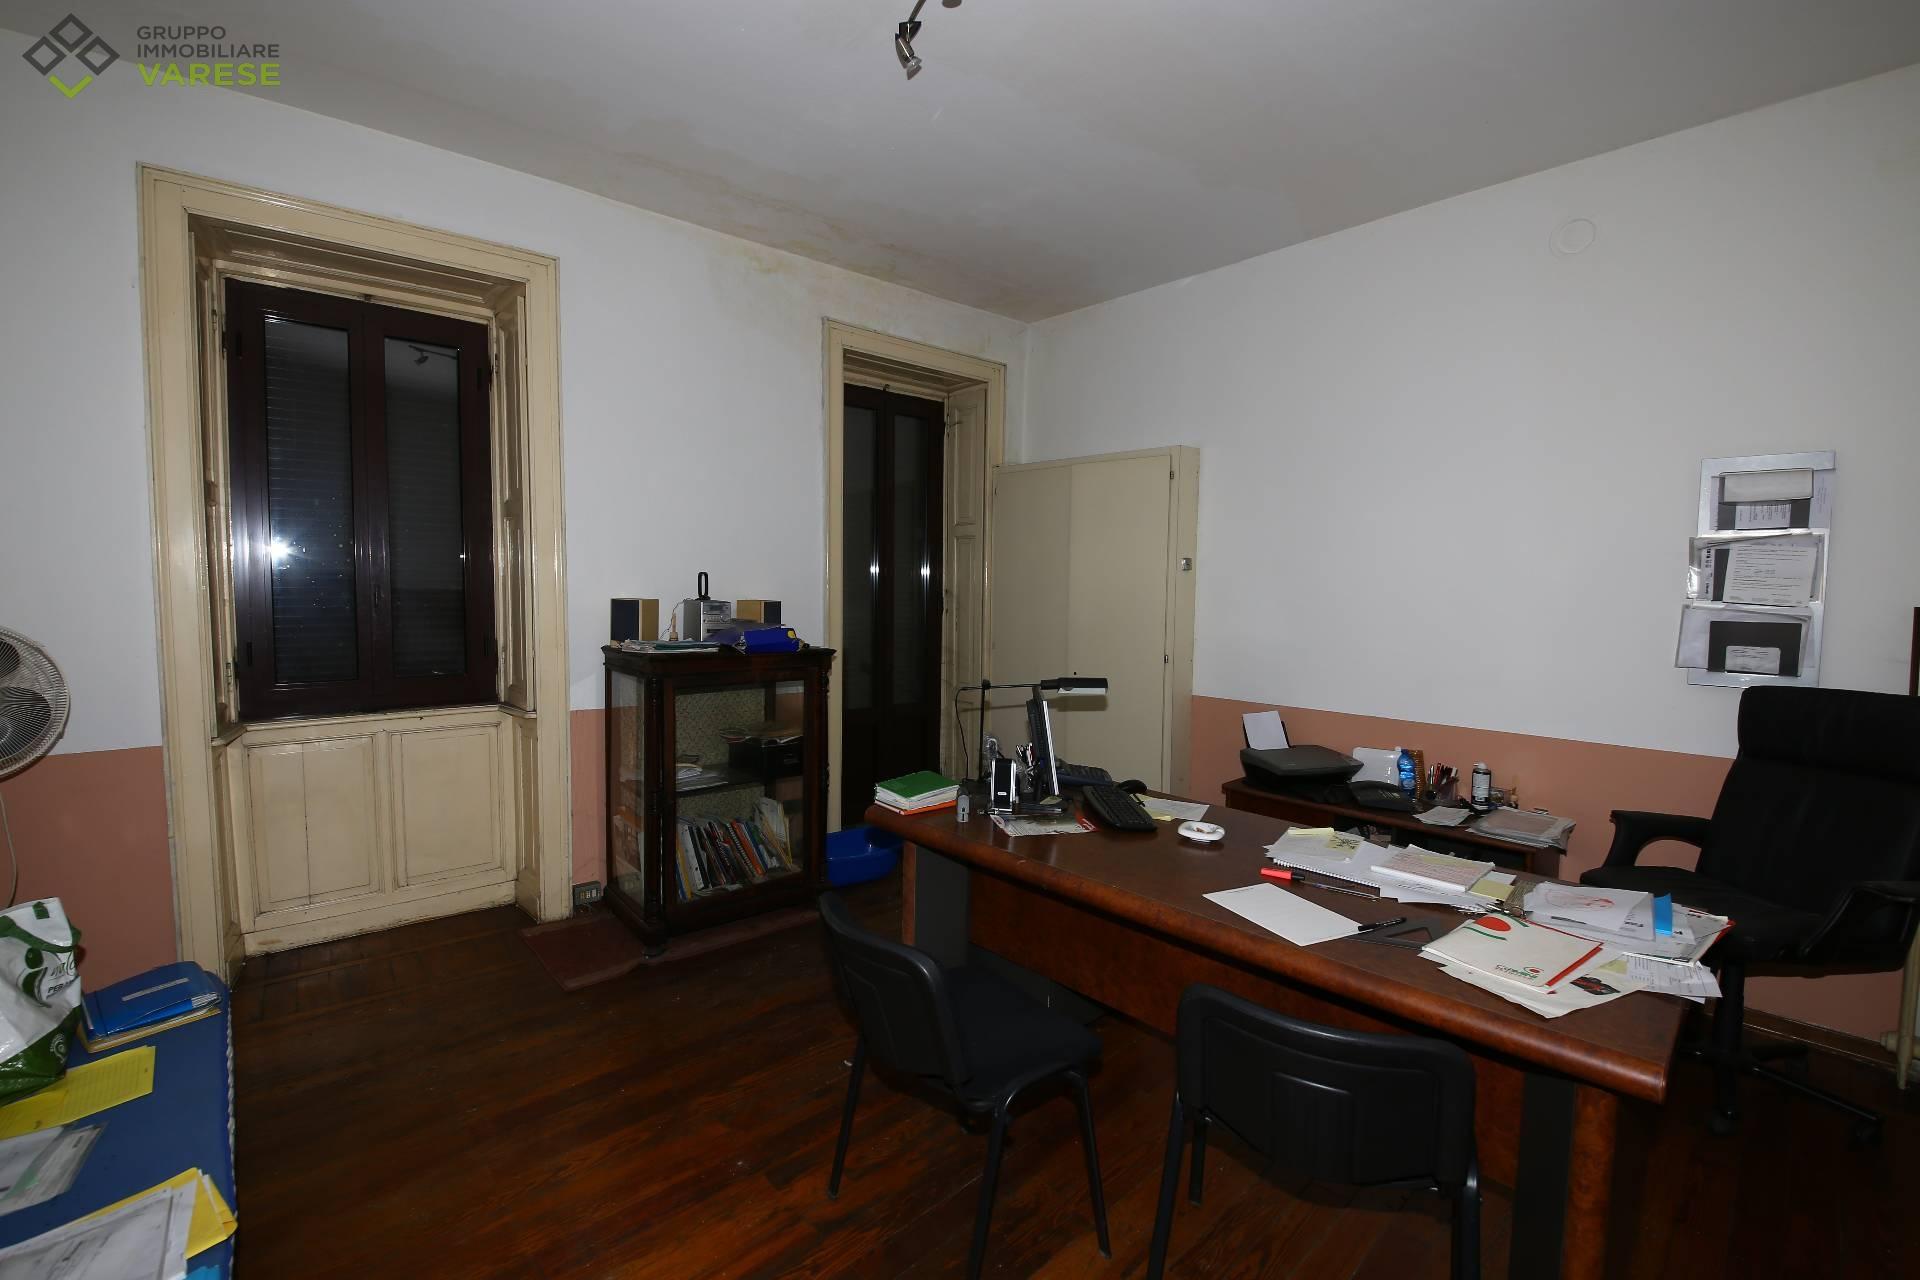 Ufficio / Studio in vendita a Induno Olona, 9999 locali, prezzo € 18.000 | CambioCasa.it